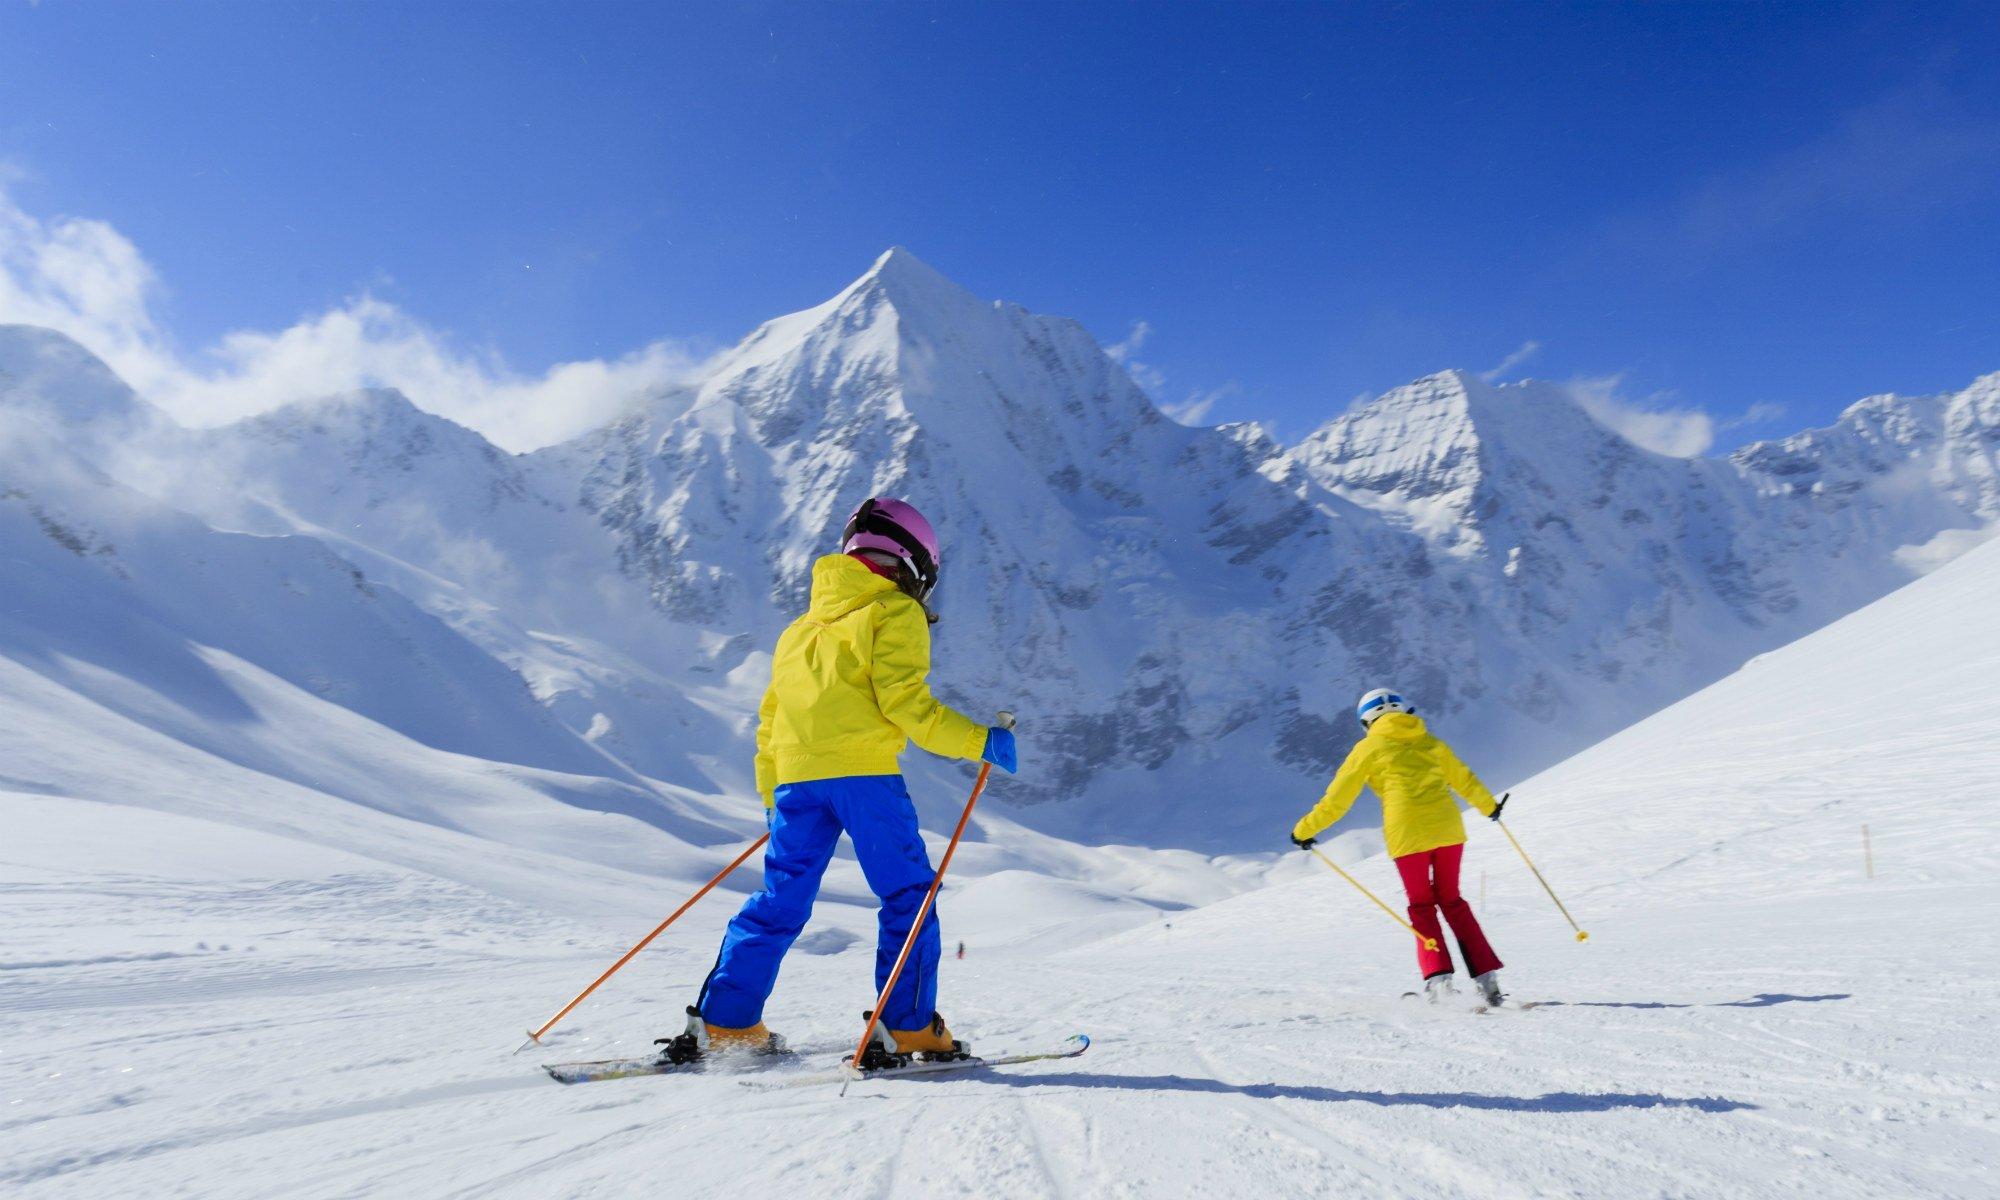 Zwei Skifahrer auf einer Piste in den Bergen.